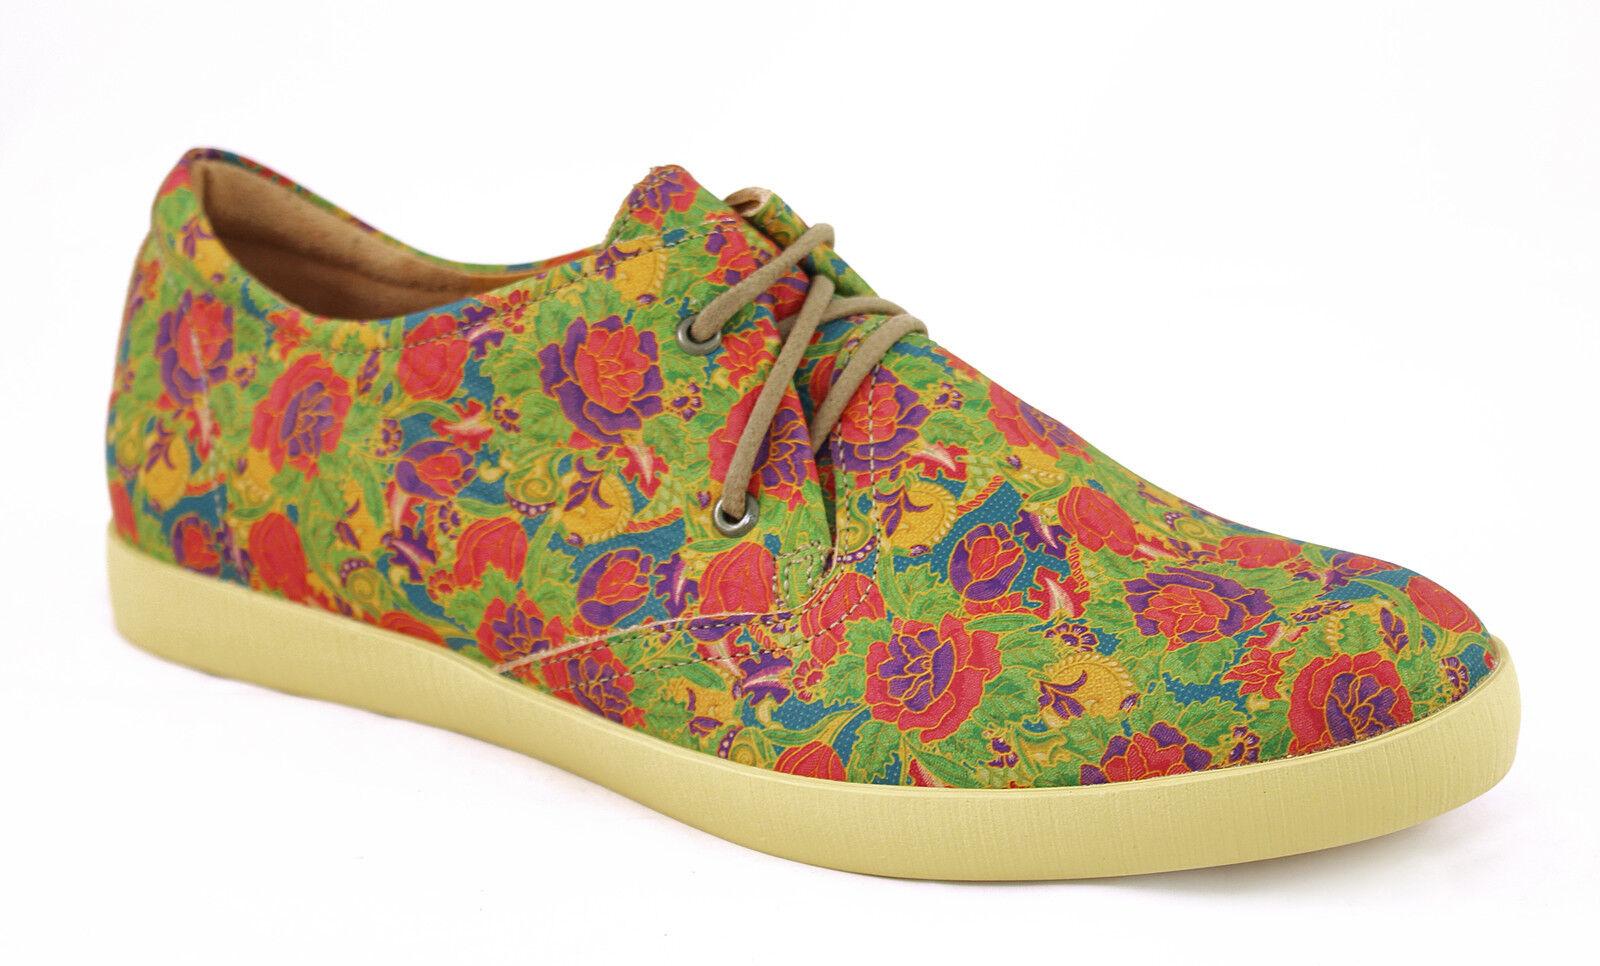 Think  80043 señora con cordones zapatos abotinados seas g06 g06 g06  Compra calidad 100% autentica